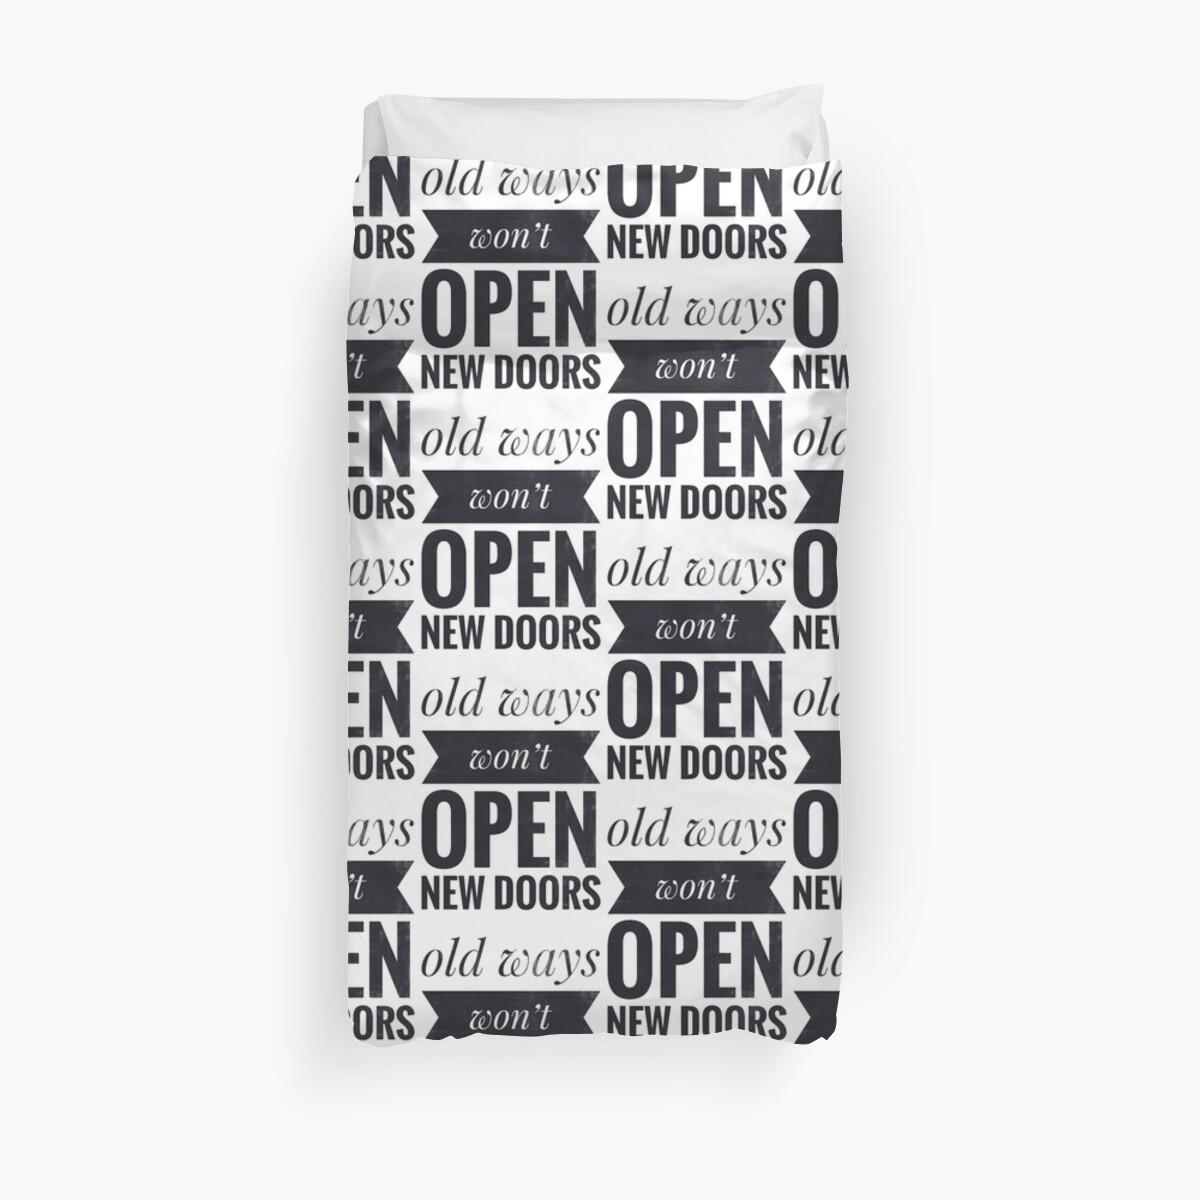 Old ways won't open new doors by C4Dart